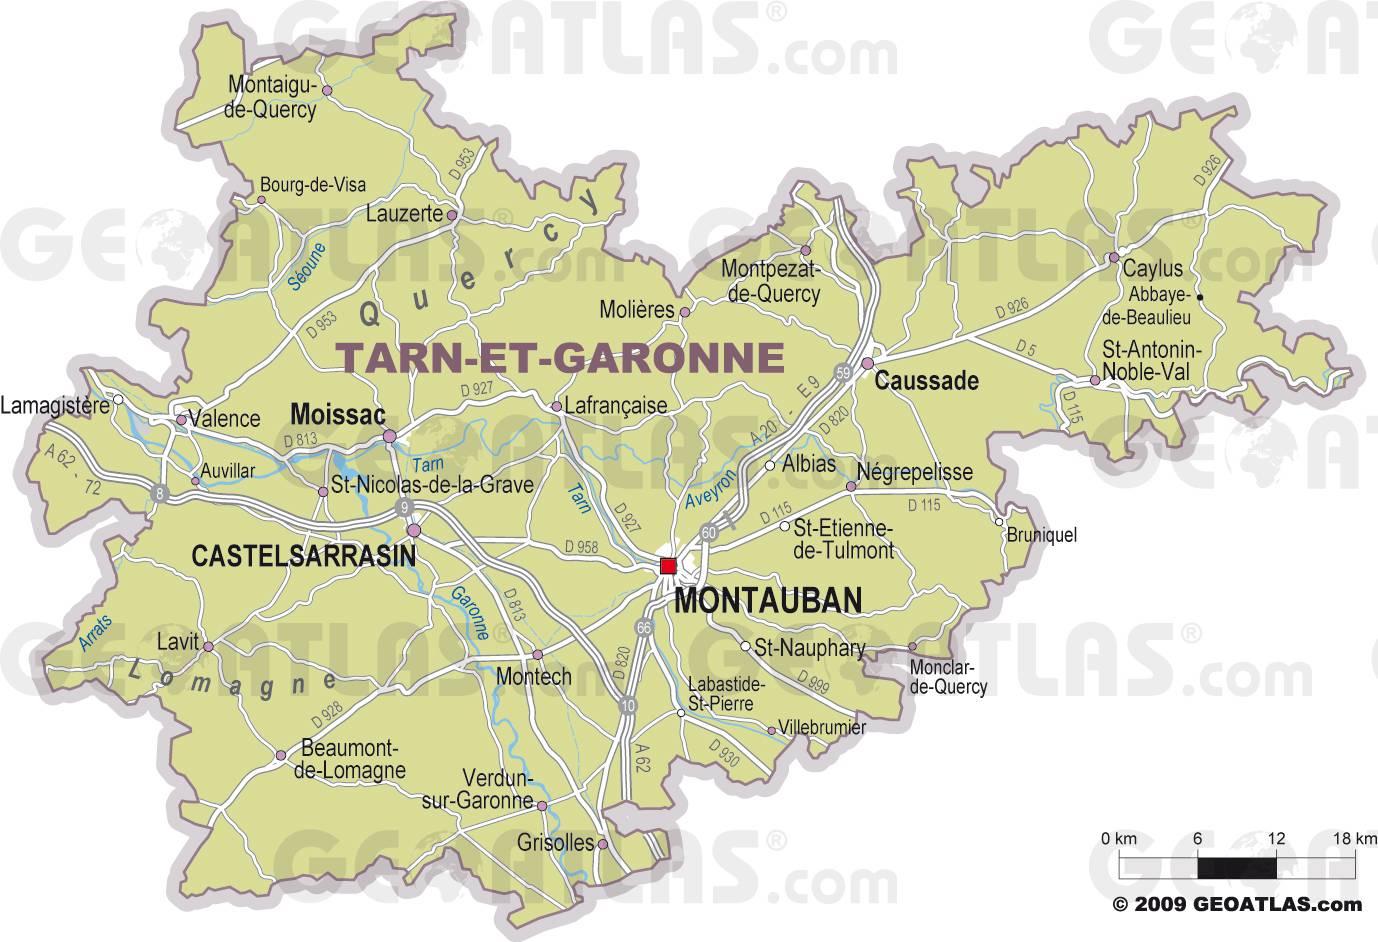 Carte des villes du Tarn-et-Garonne